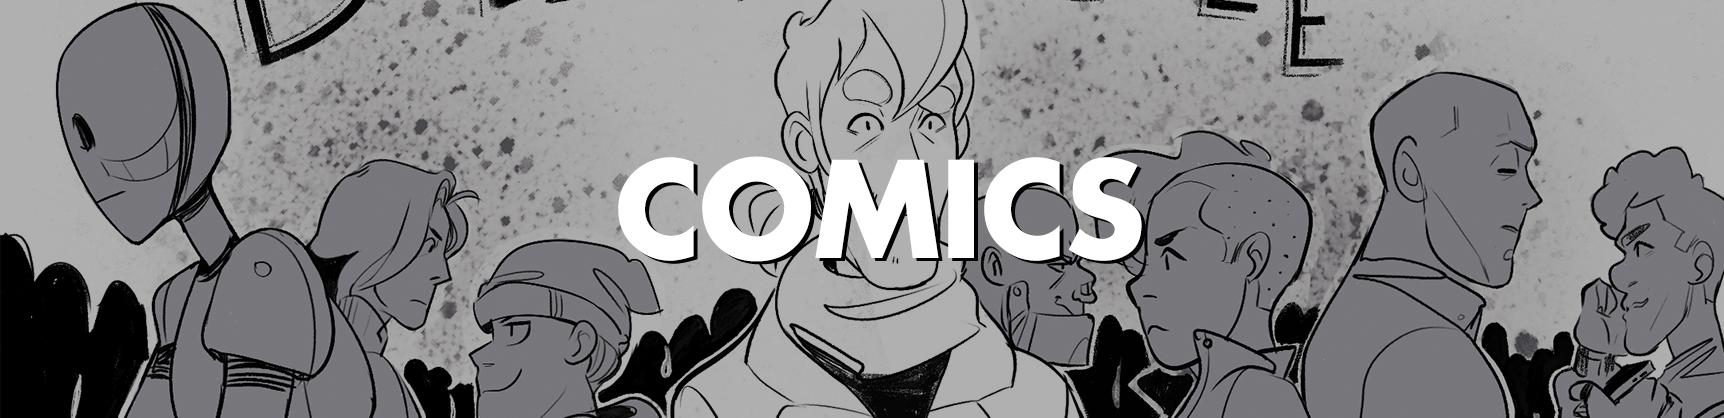 comics_banner.png